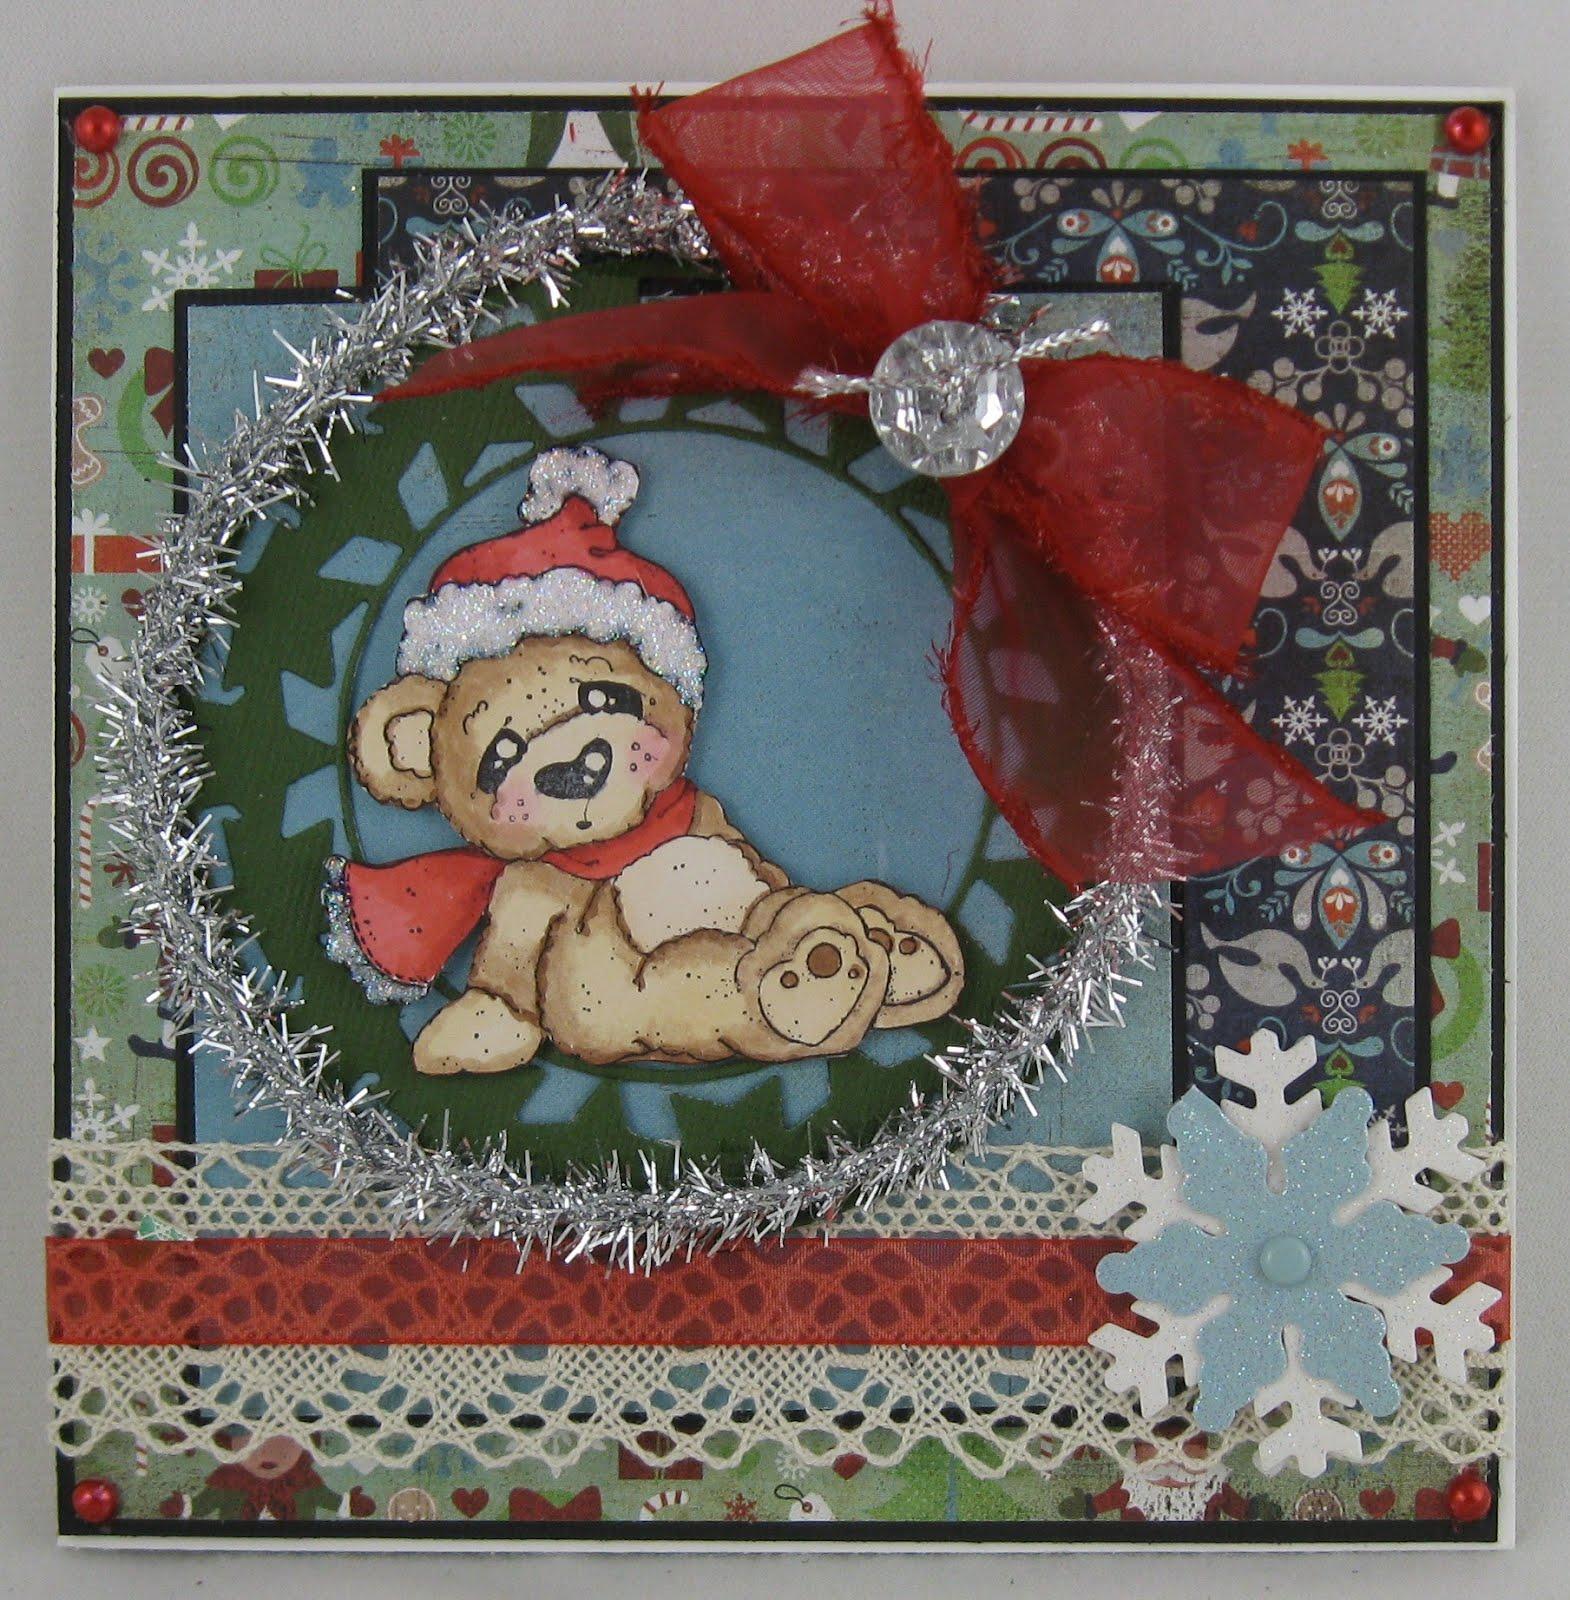 Christina39;s Card Connection: Cozy Christmas Bear